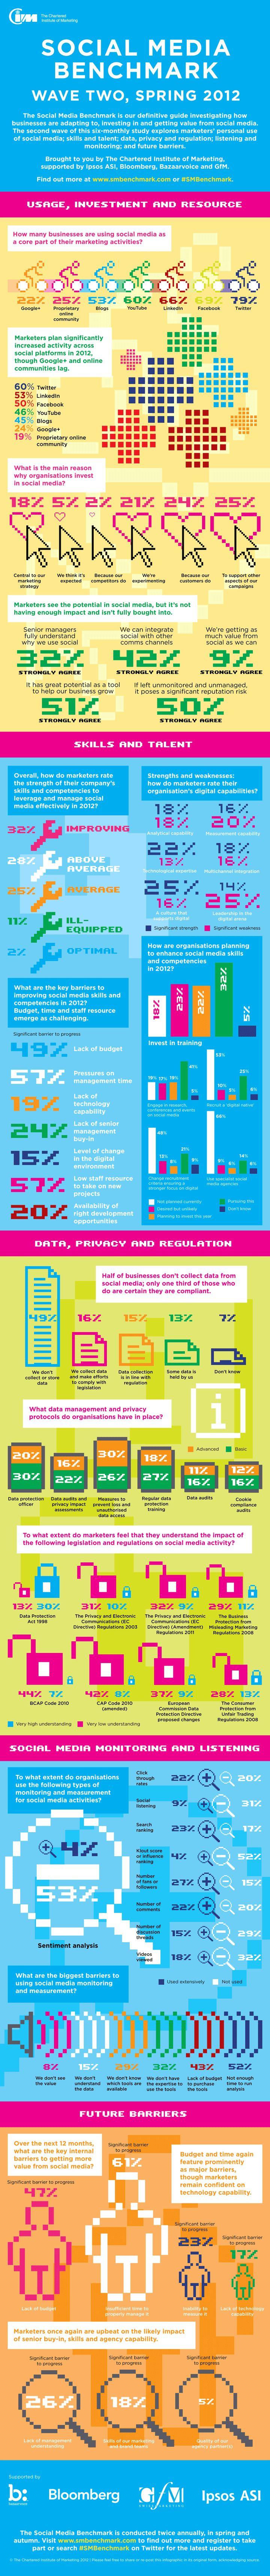 #SocialMedia benchmark spring 2012